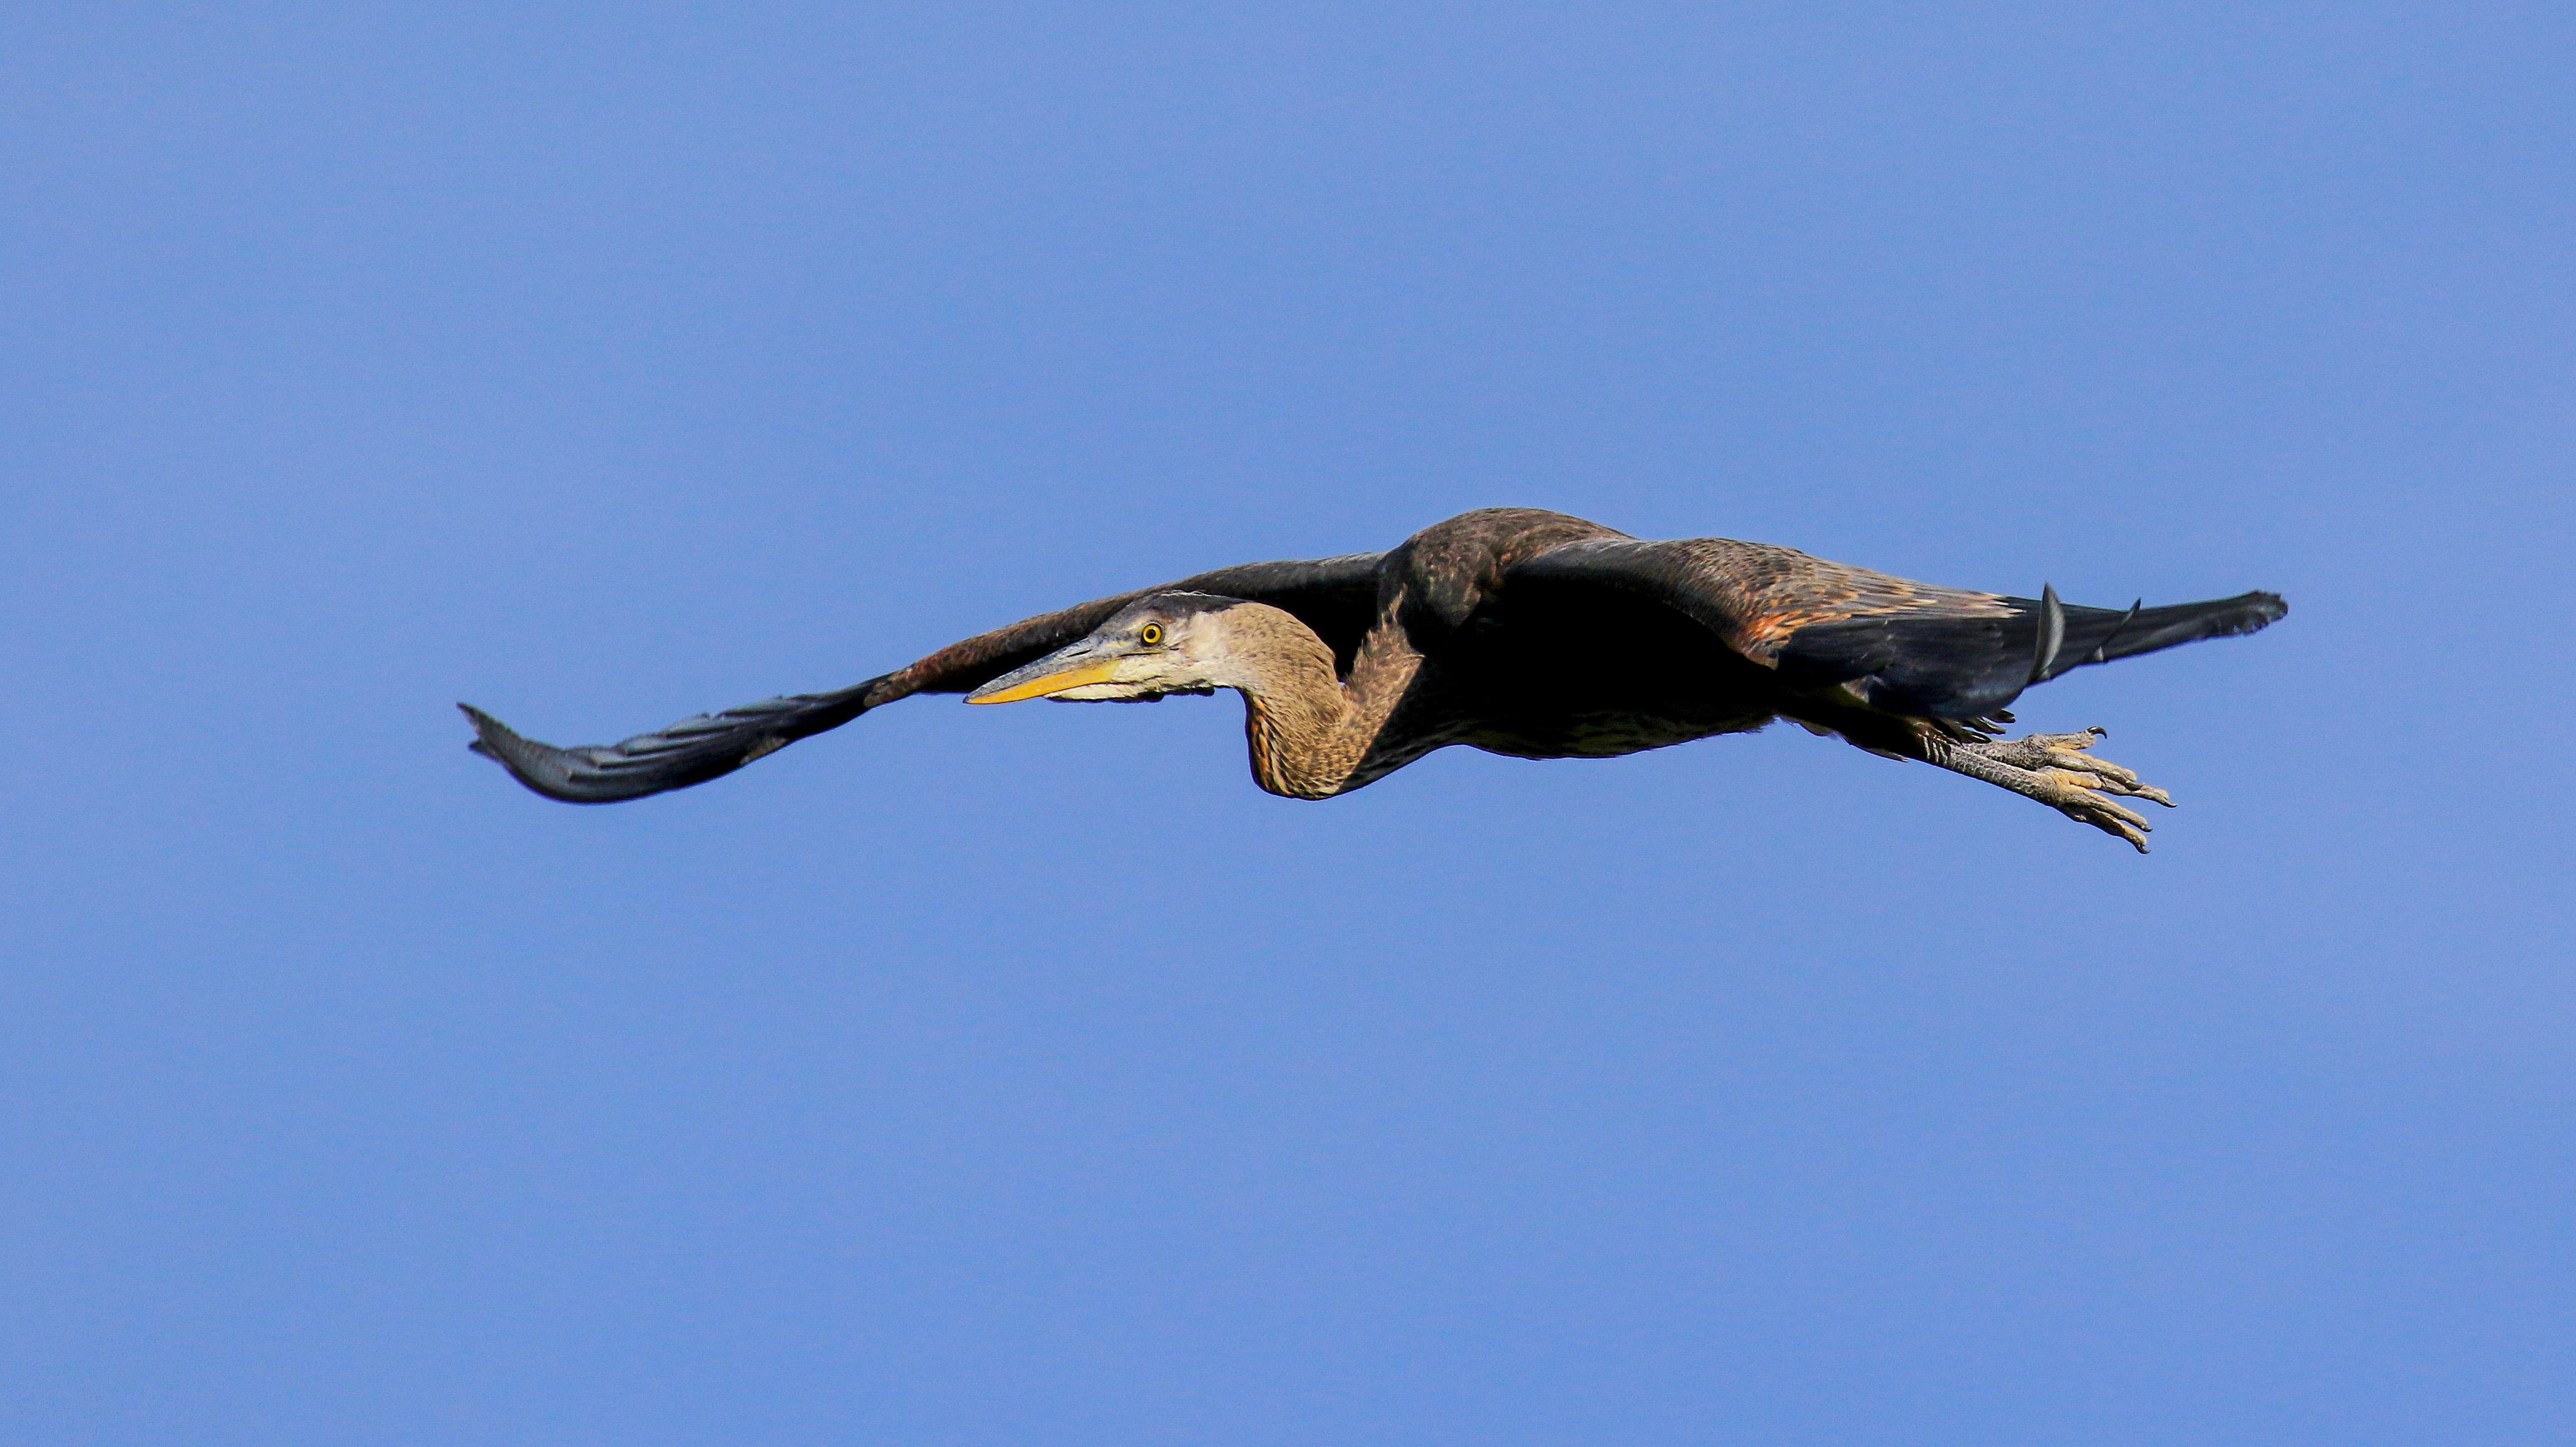 Heron on the wing 001 LR.jpg